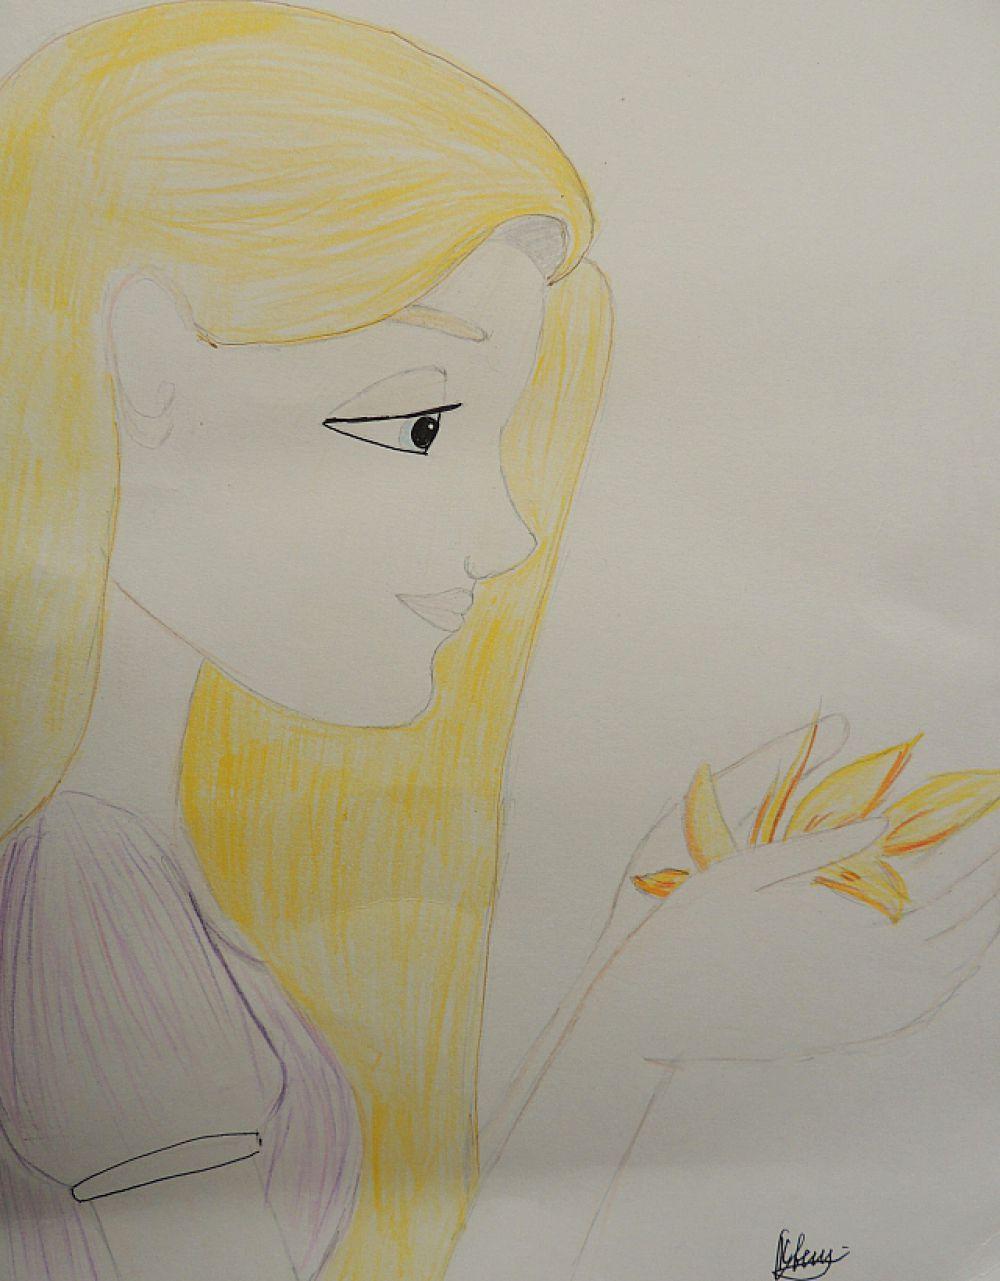 Рисунок посвящен Рапунцель, главной героине сказок братьев Гримм.